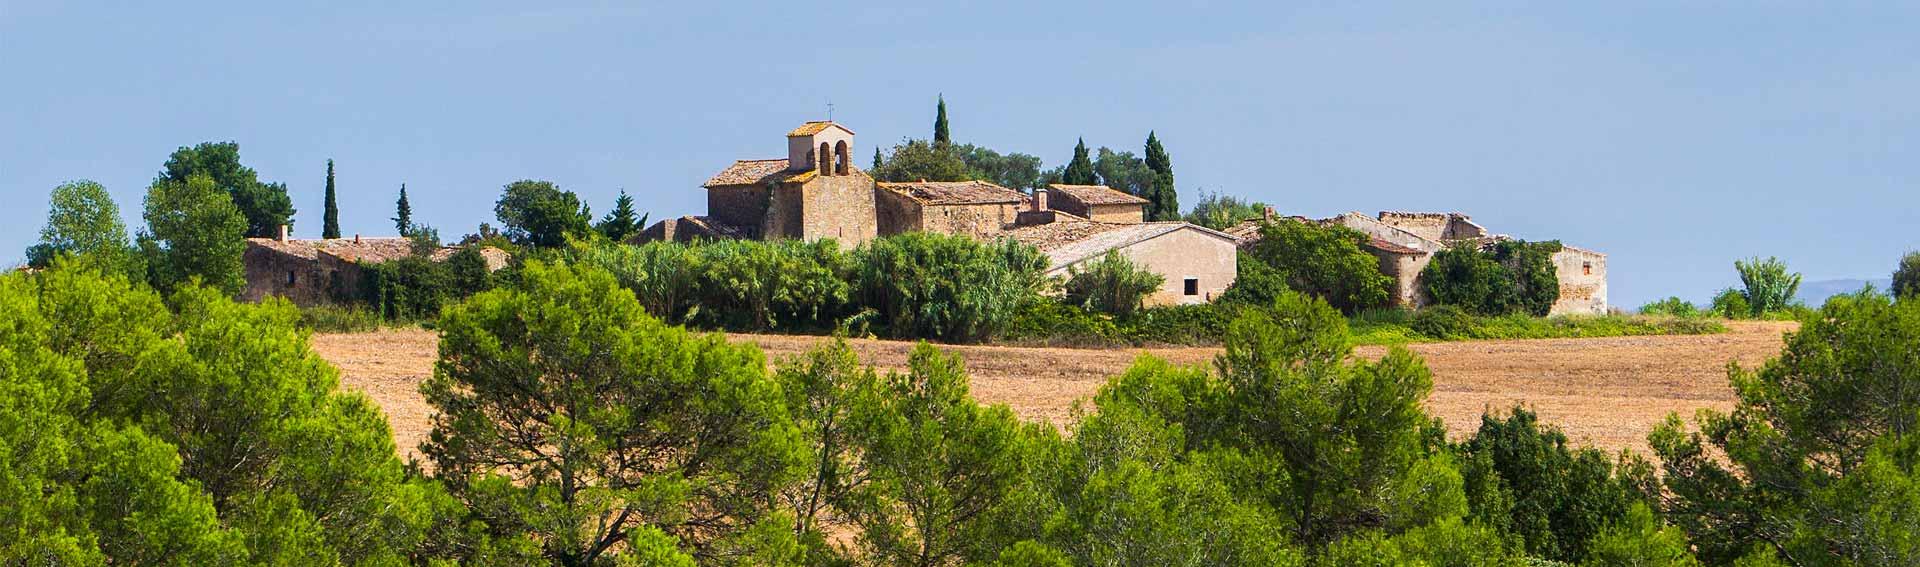 Sant Marçal de Quarantella